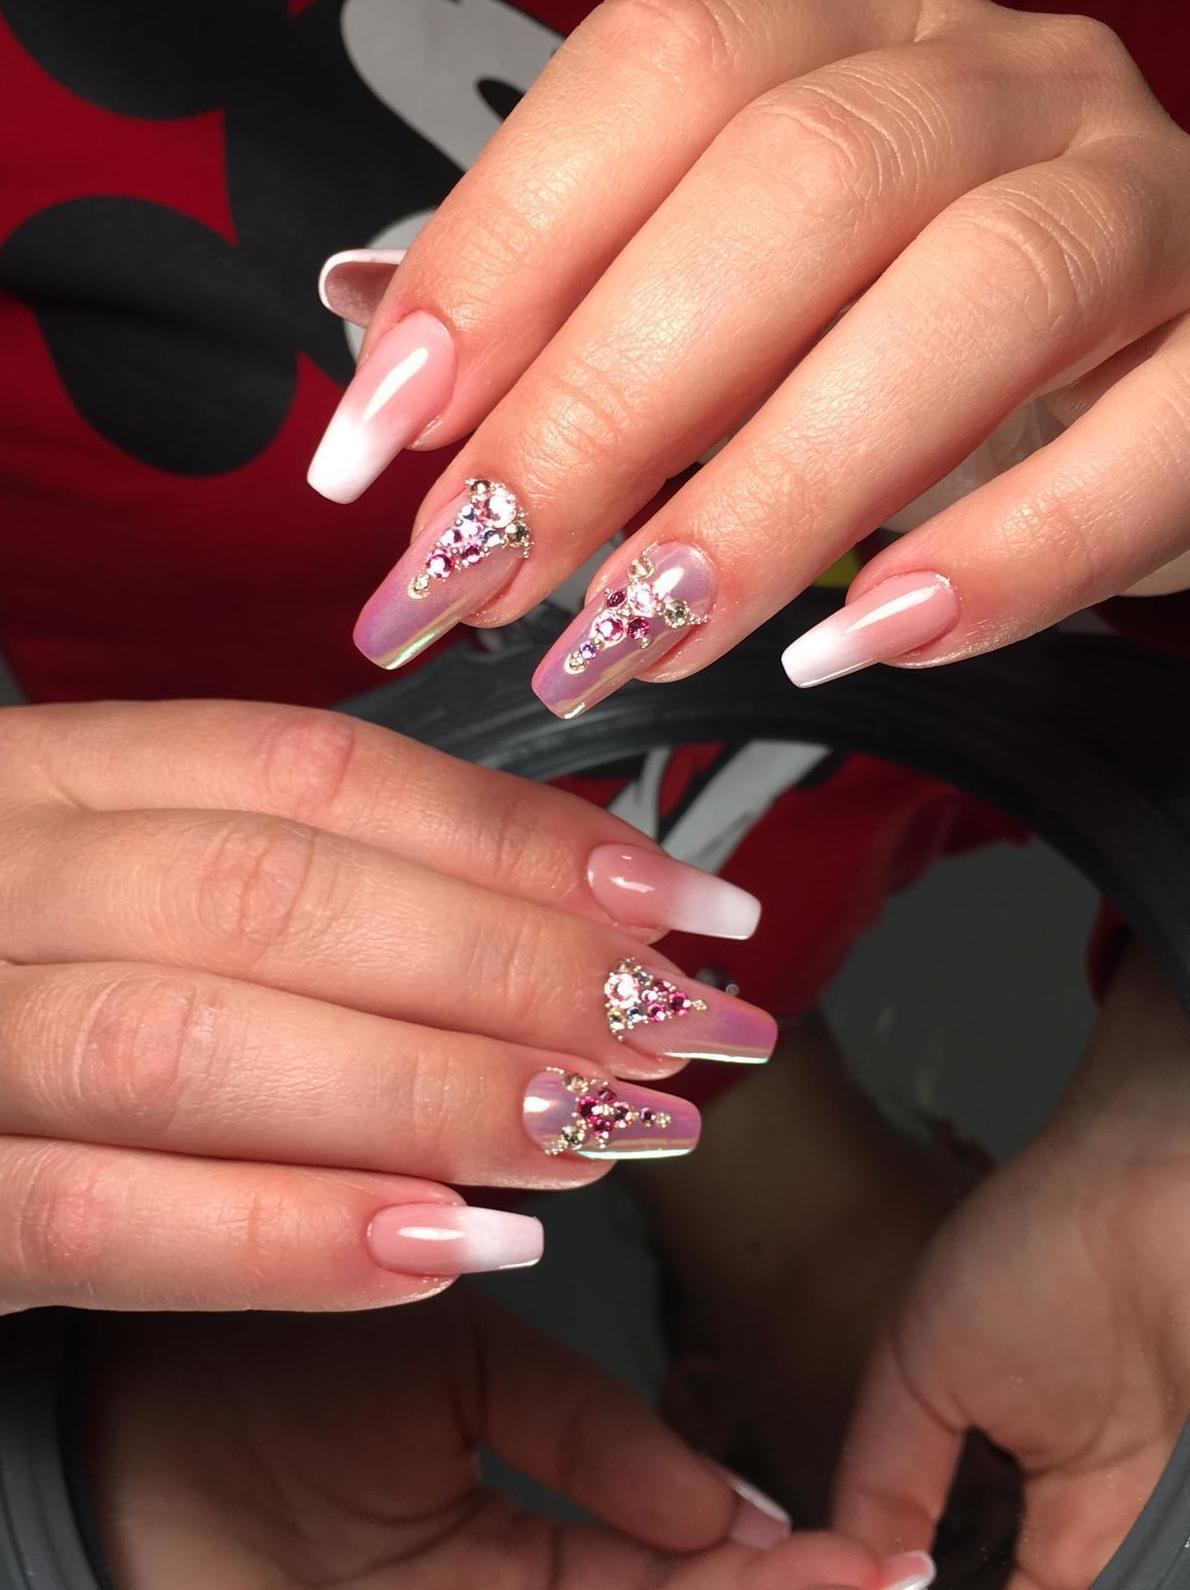 La mejor opción para lucir una manicura perfecta, las uñas de gel.  Khrystuna Karasenko especialistas en manicura.